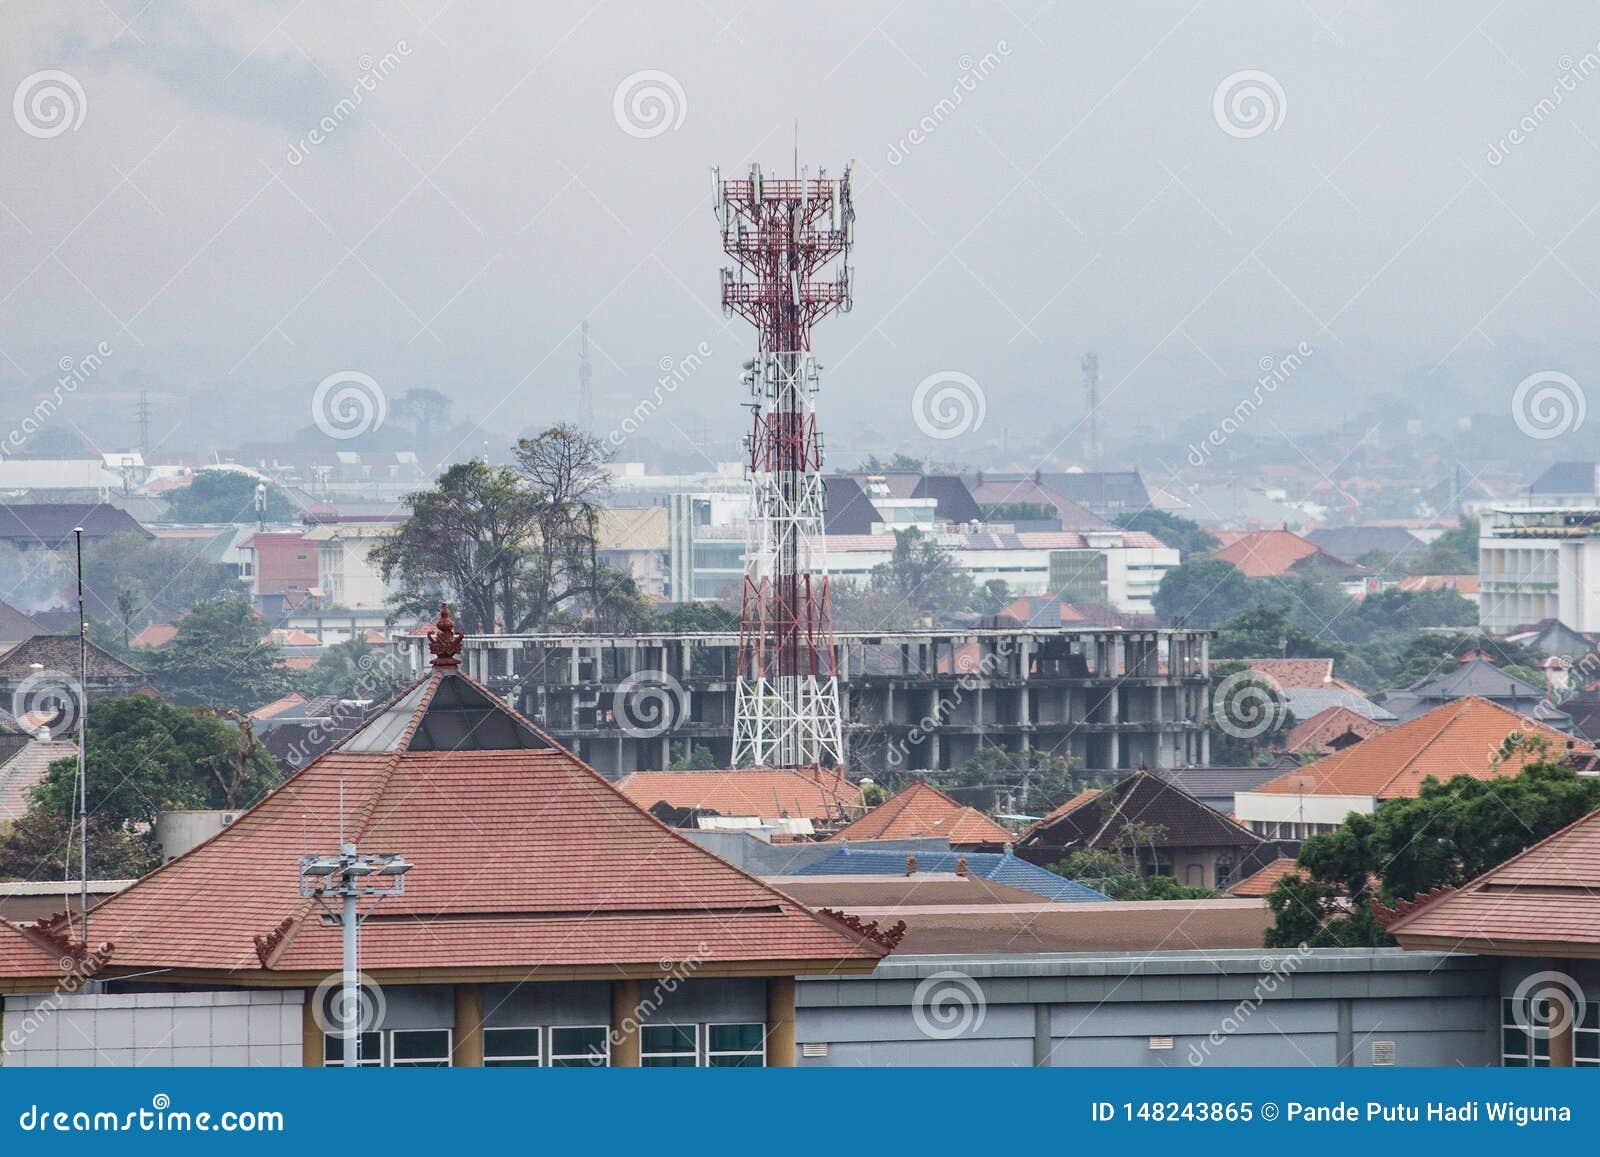 BADUNG, BALI/INDONESIA: Una torre delle telecomunicazioni situata in Bali, guarda più superiore alle costruzioni circostanti